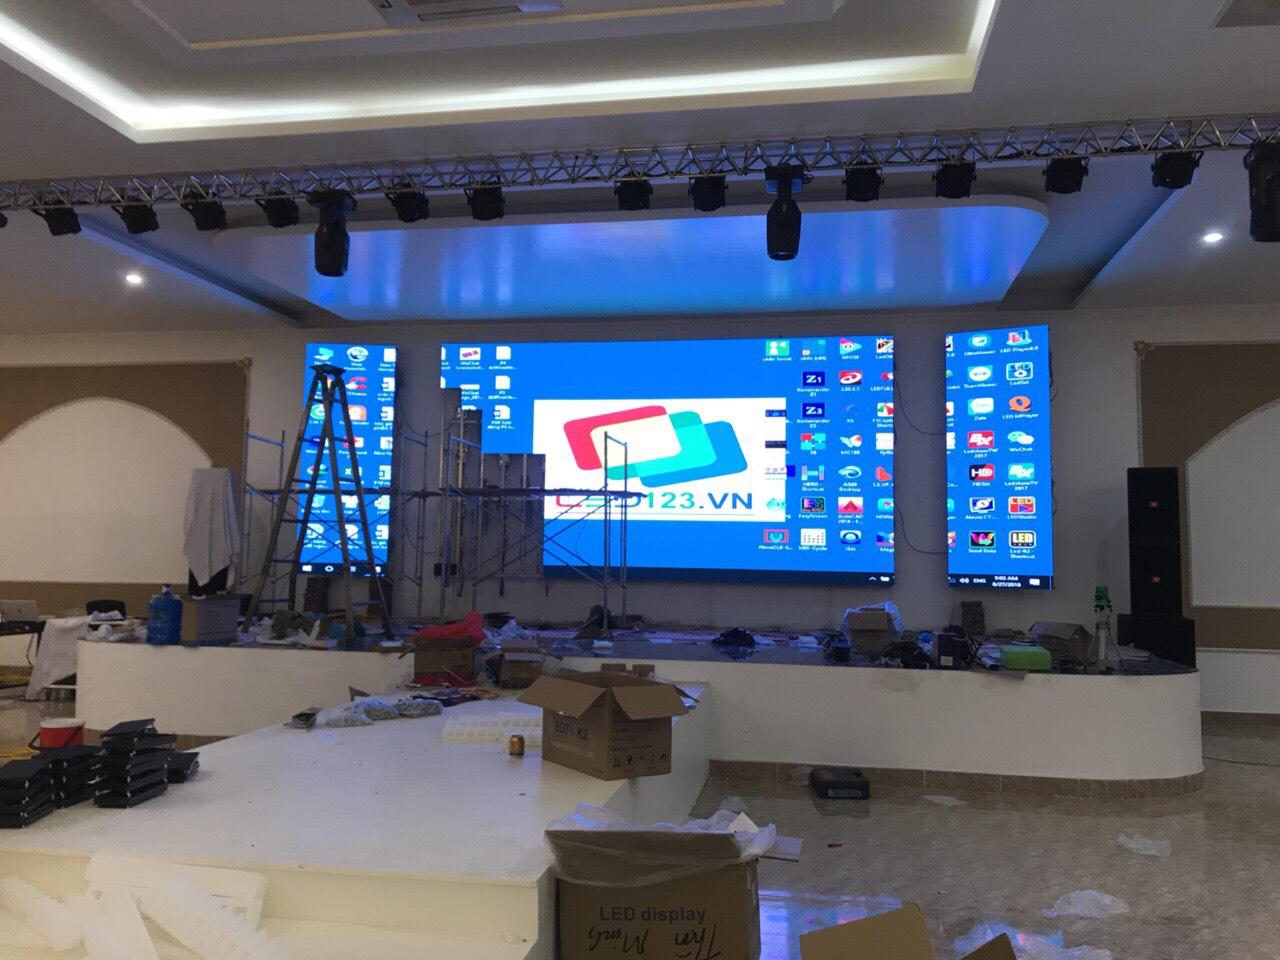 Thi công màn hình led P4 sreen shenzhen